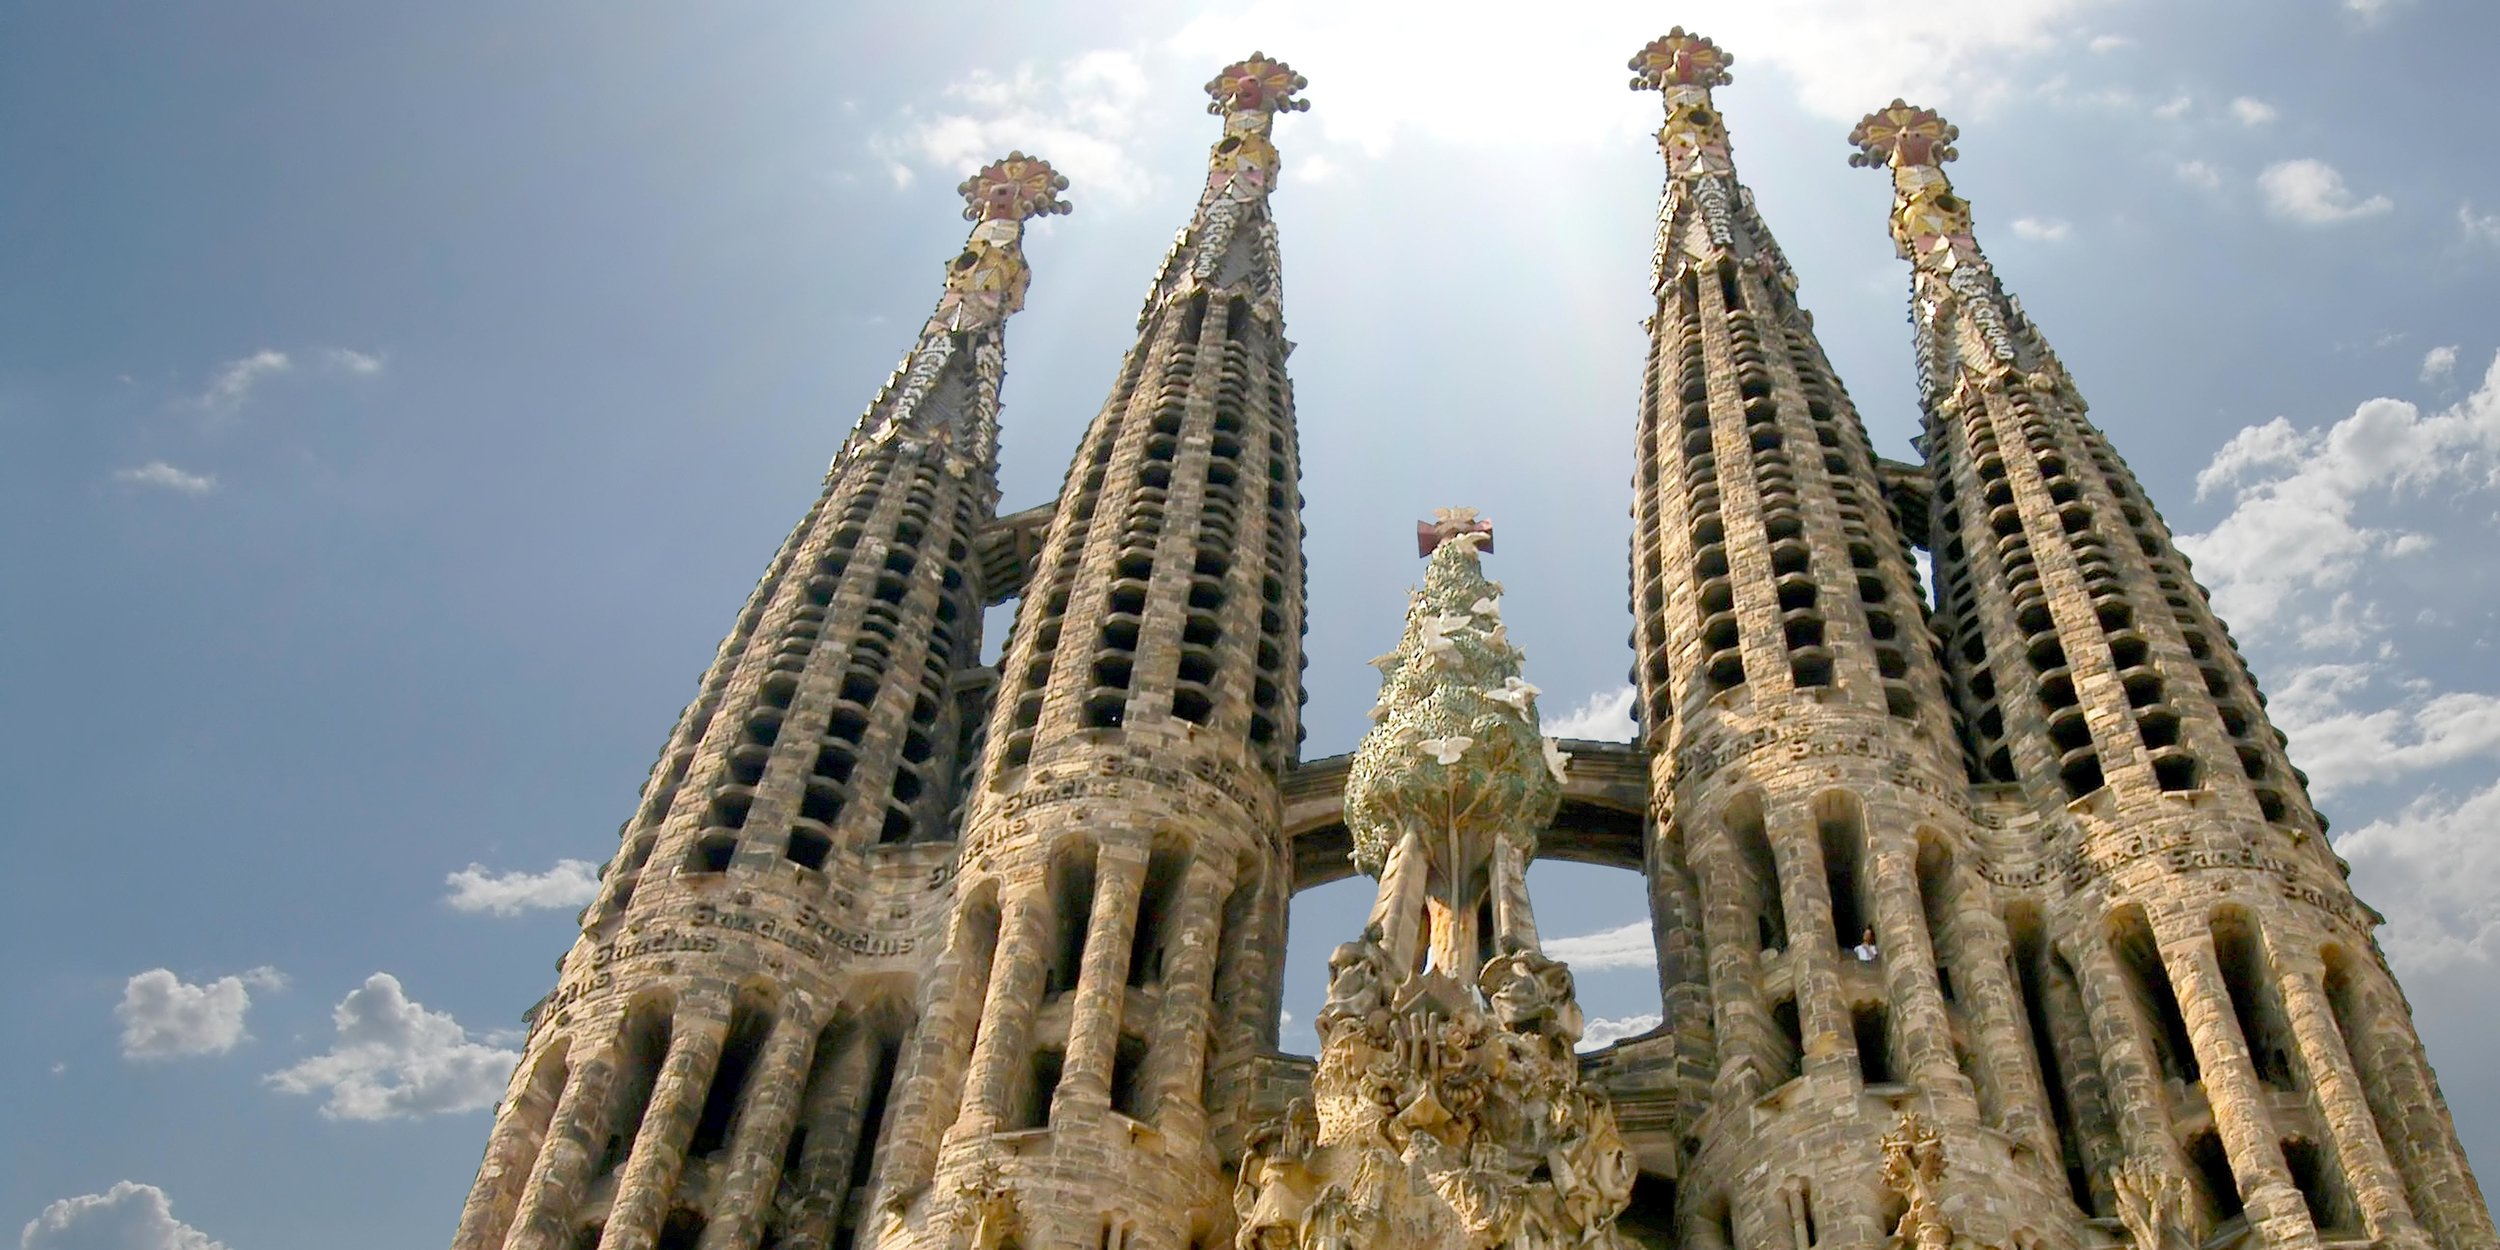 ES_Bar_La Sagrada Familia_CU.jpg